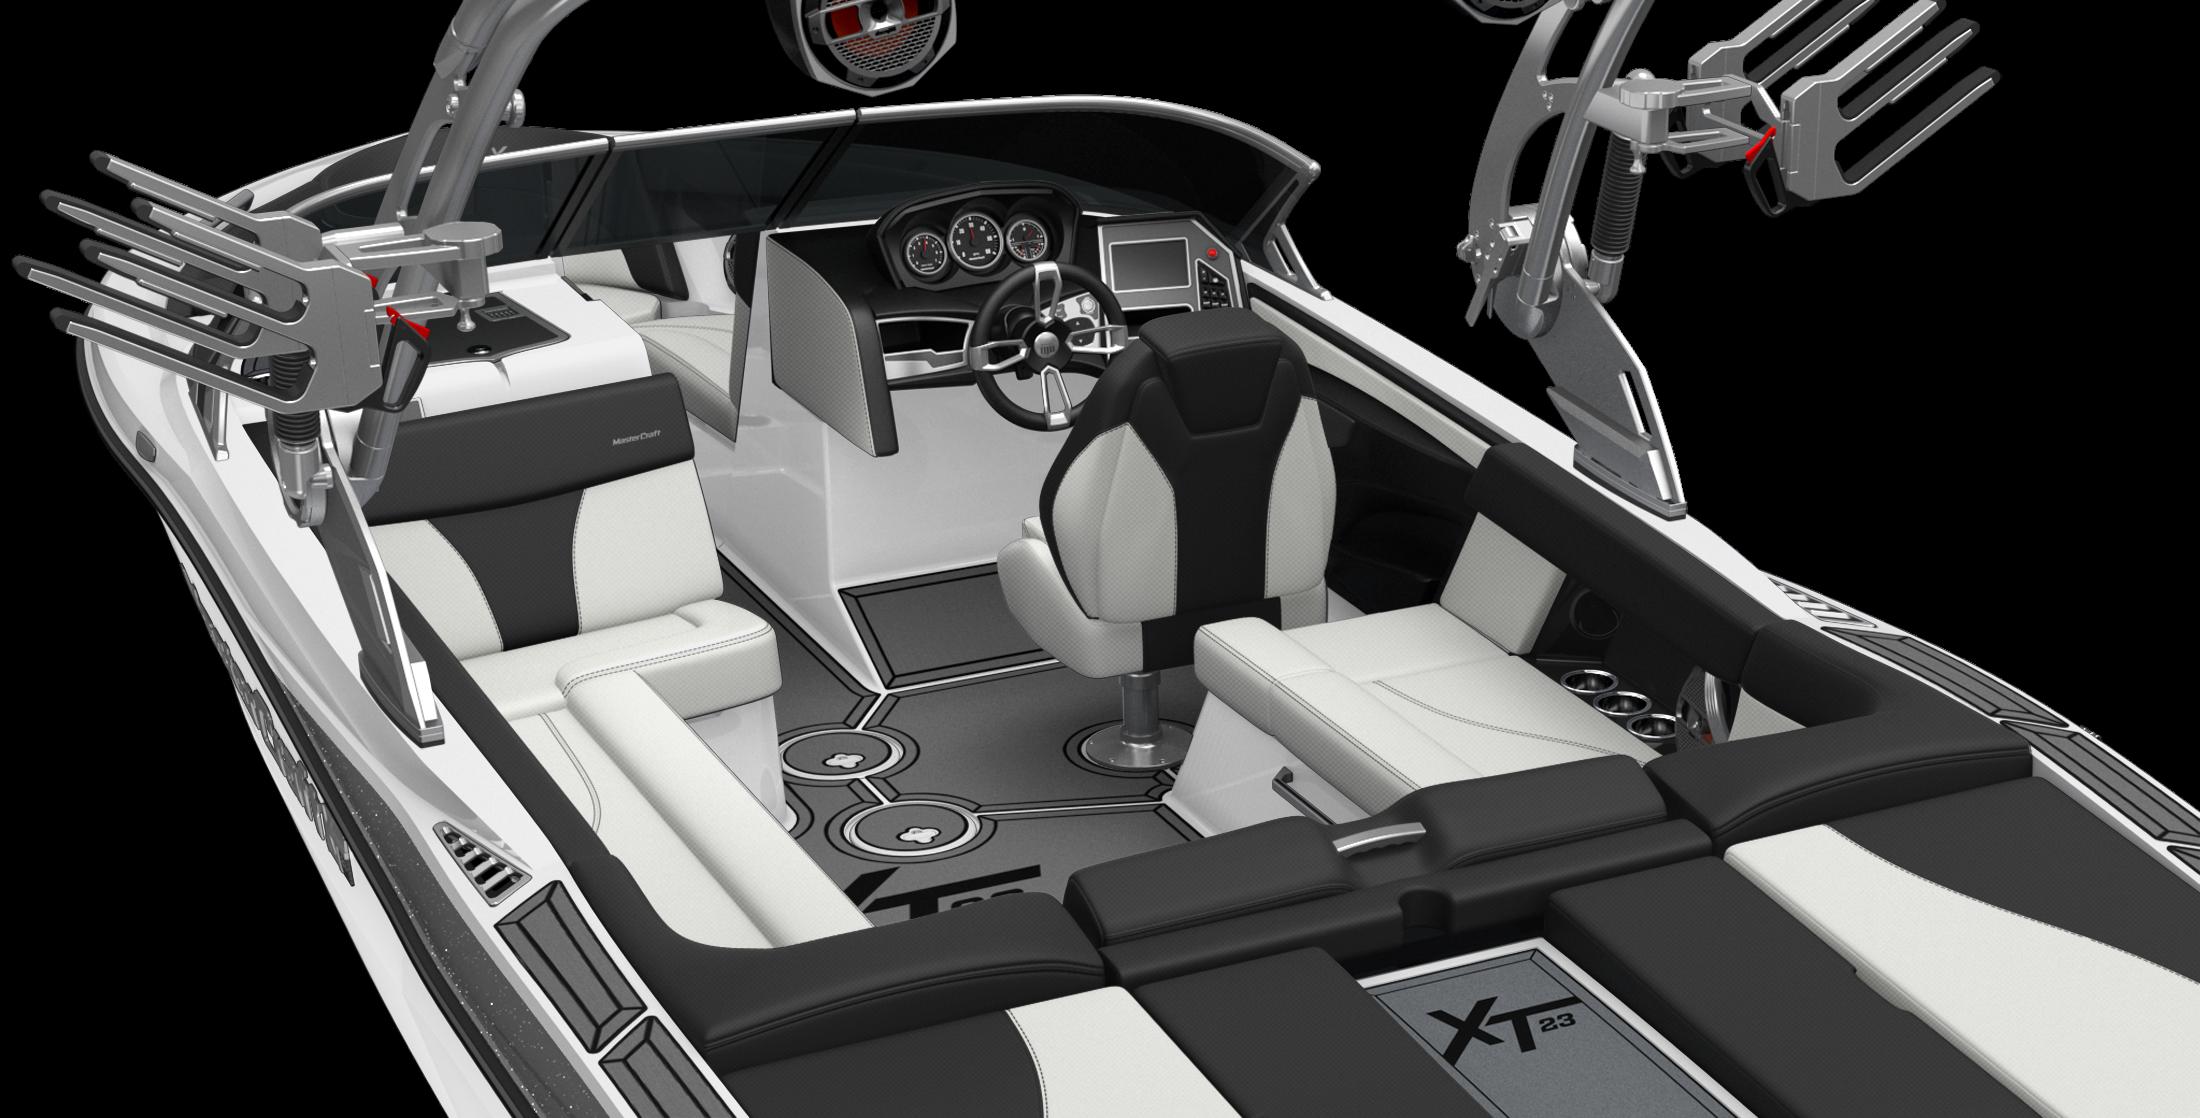 2021 Mastercraft XT23 Image 6